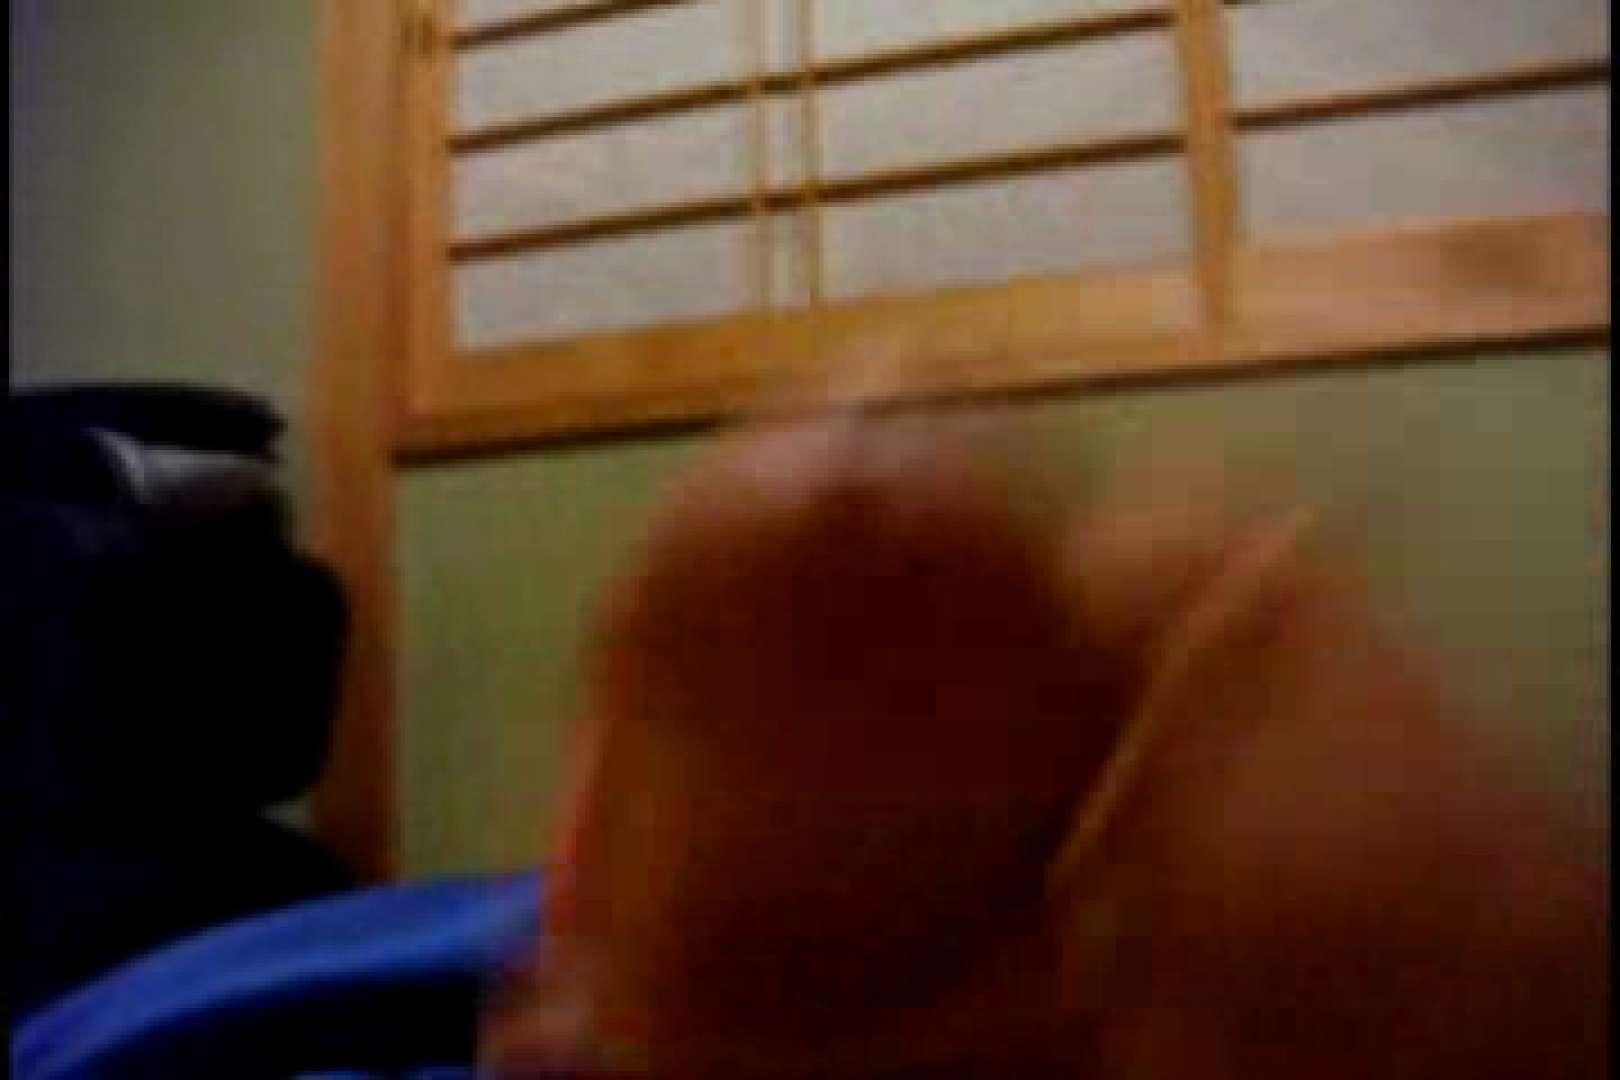 オナ好きノンケテニス部員の自画撮り投稿vol.02 流出  104pic 69